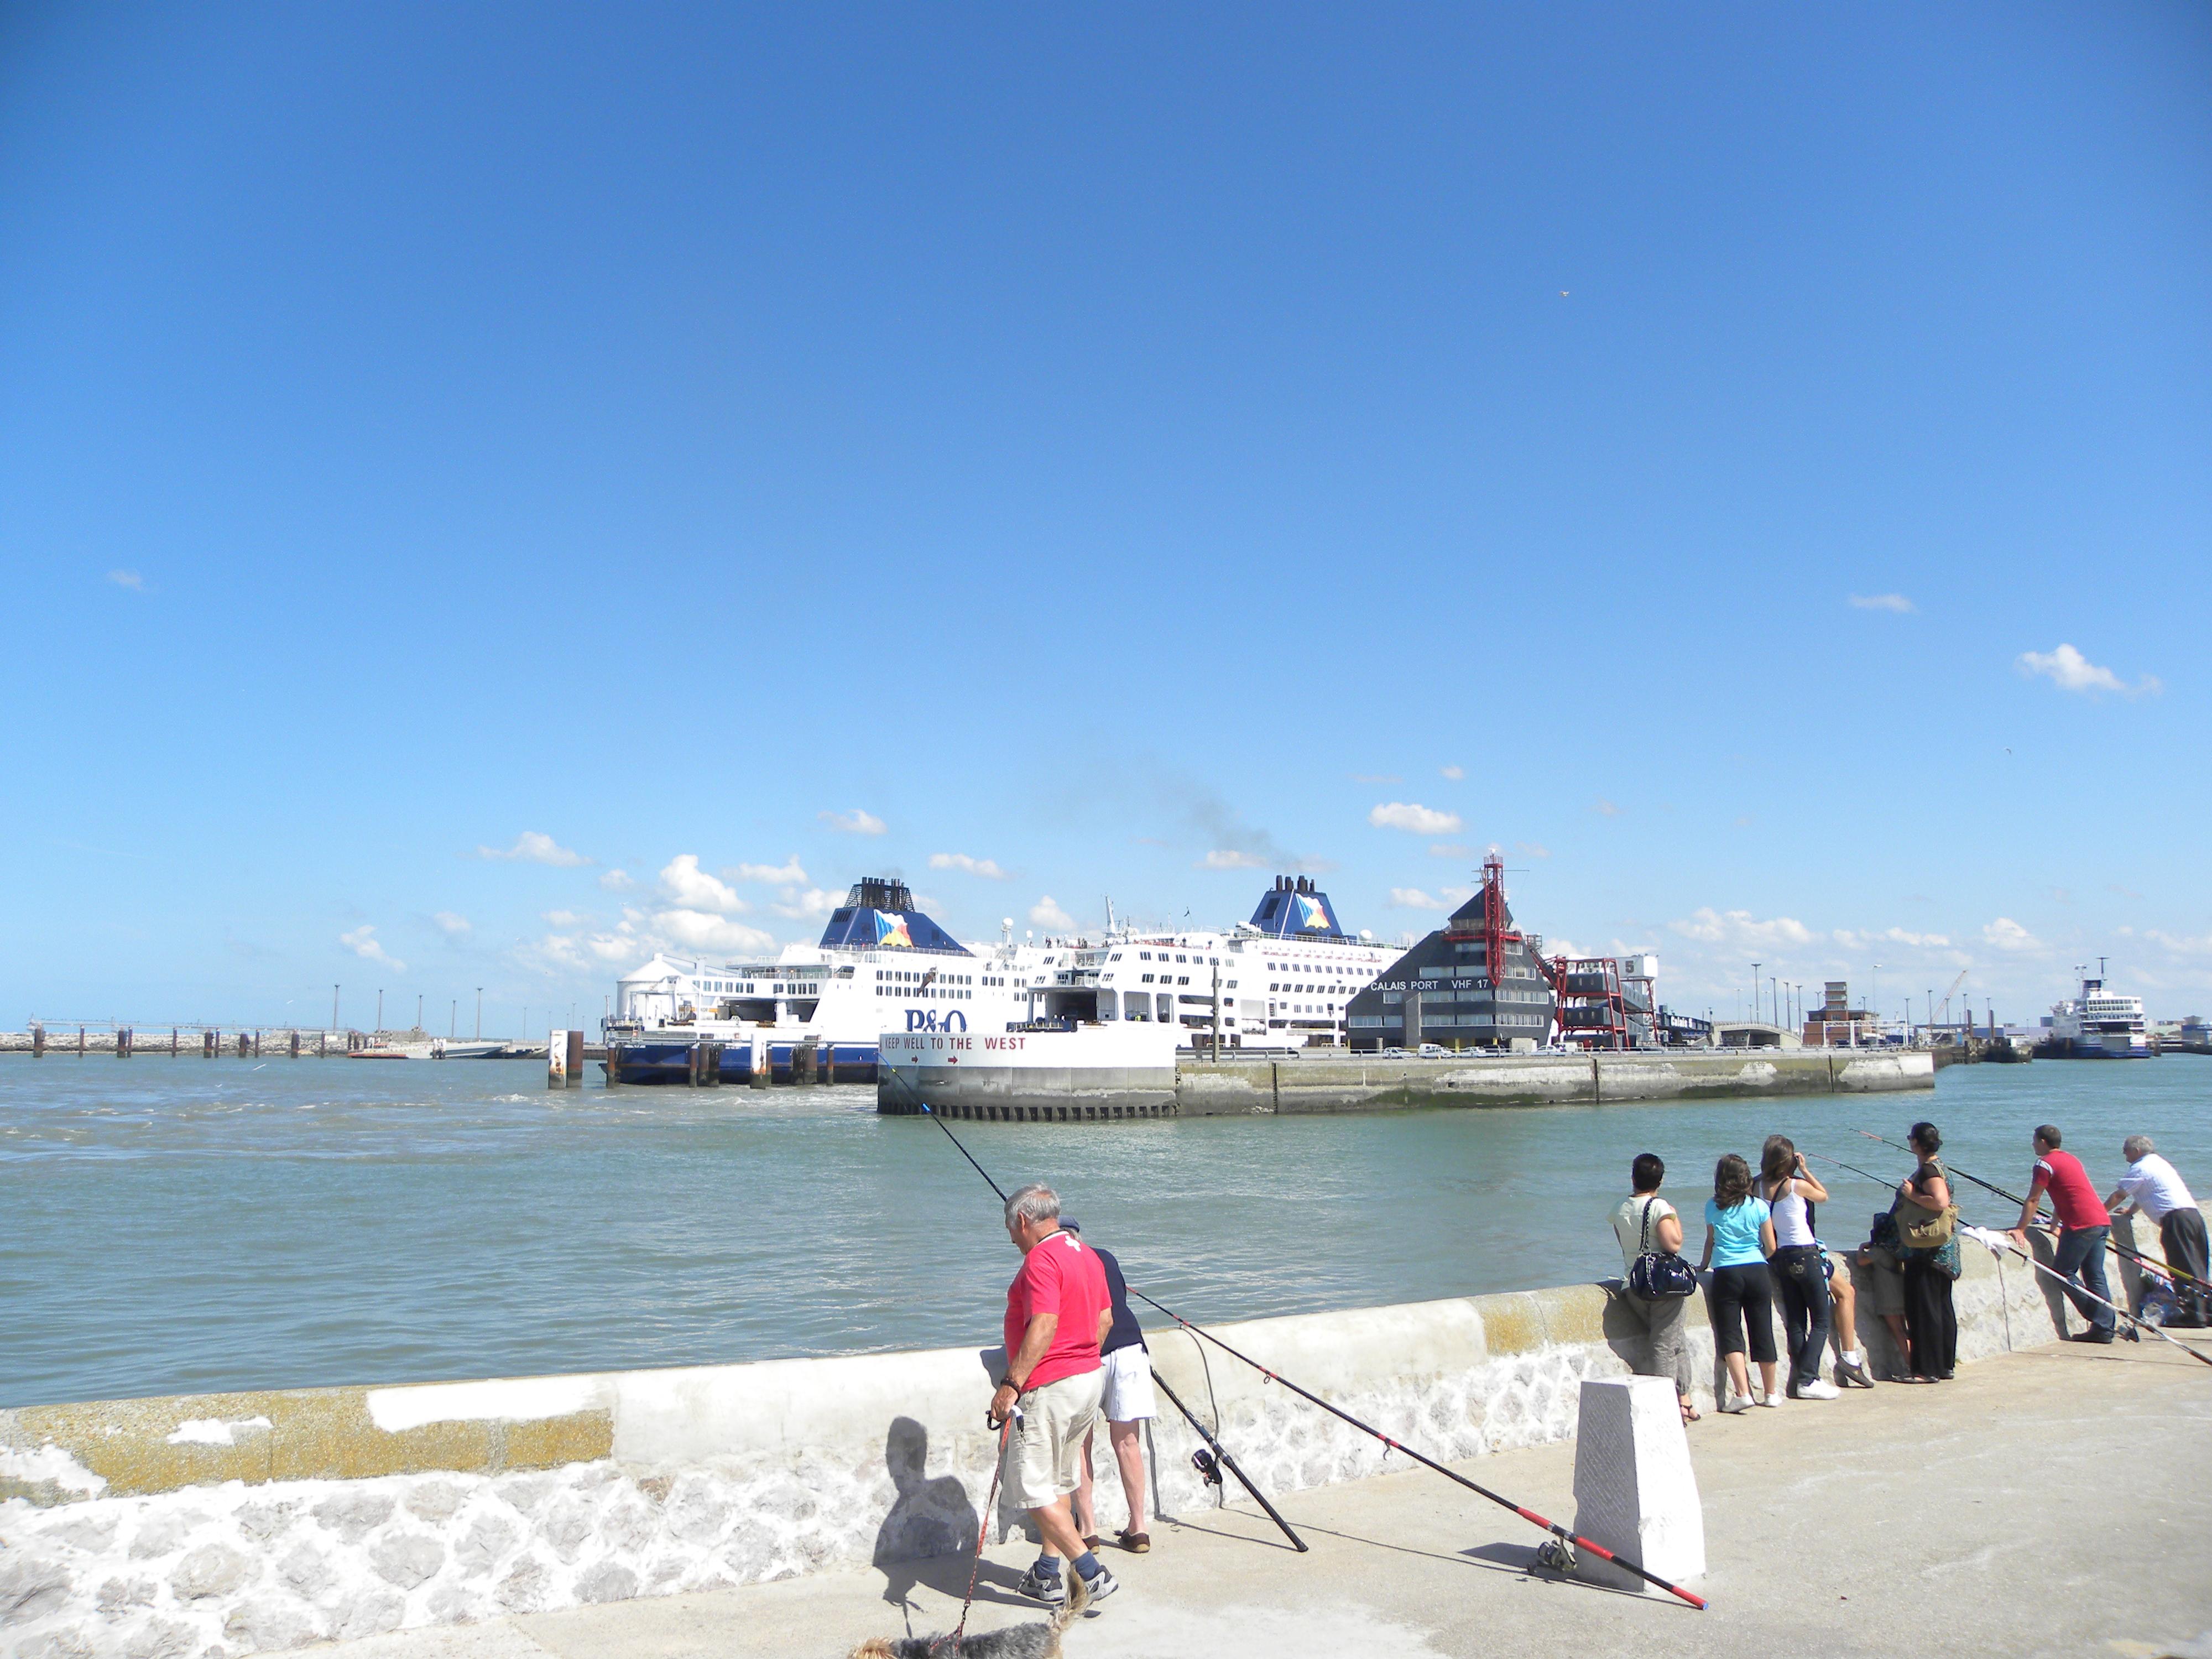 Entrée du port de Calais - Credit photo Office de tourisme Calais Côte d'Opale